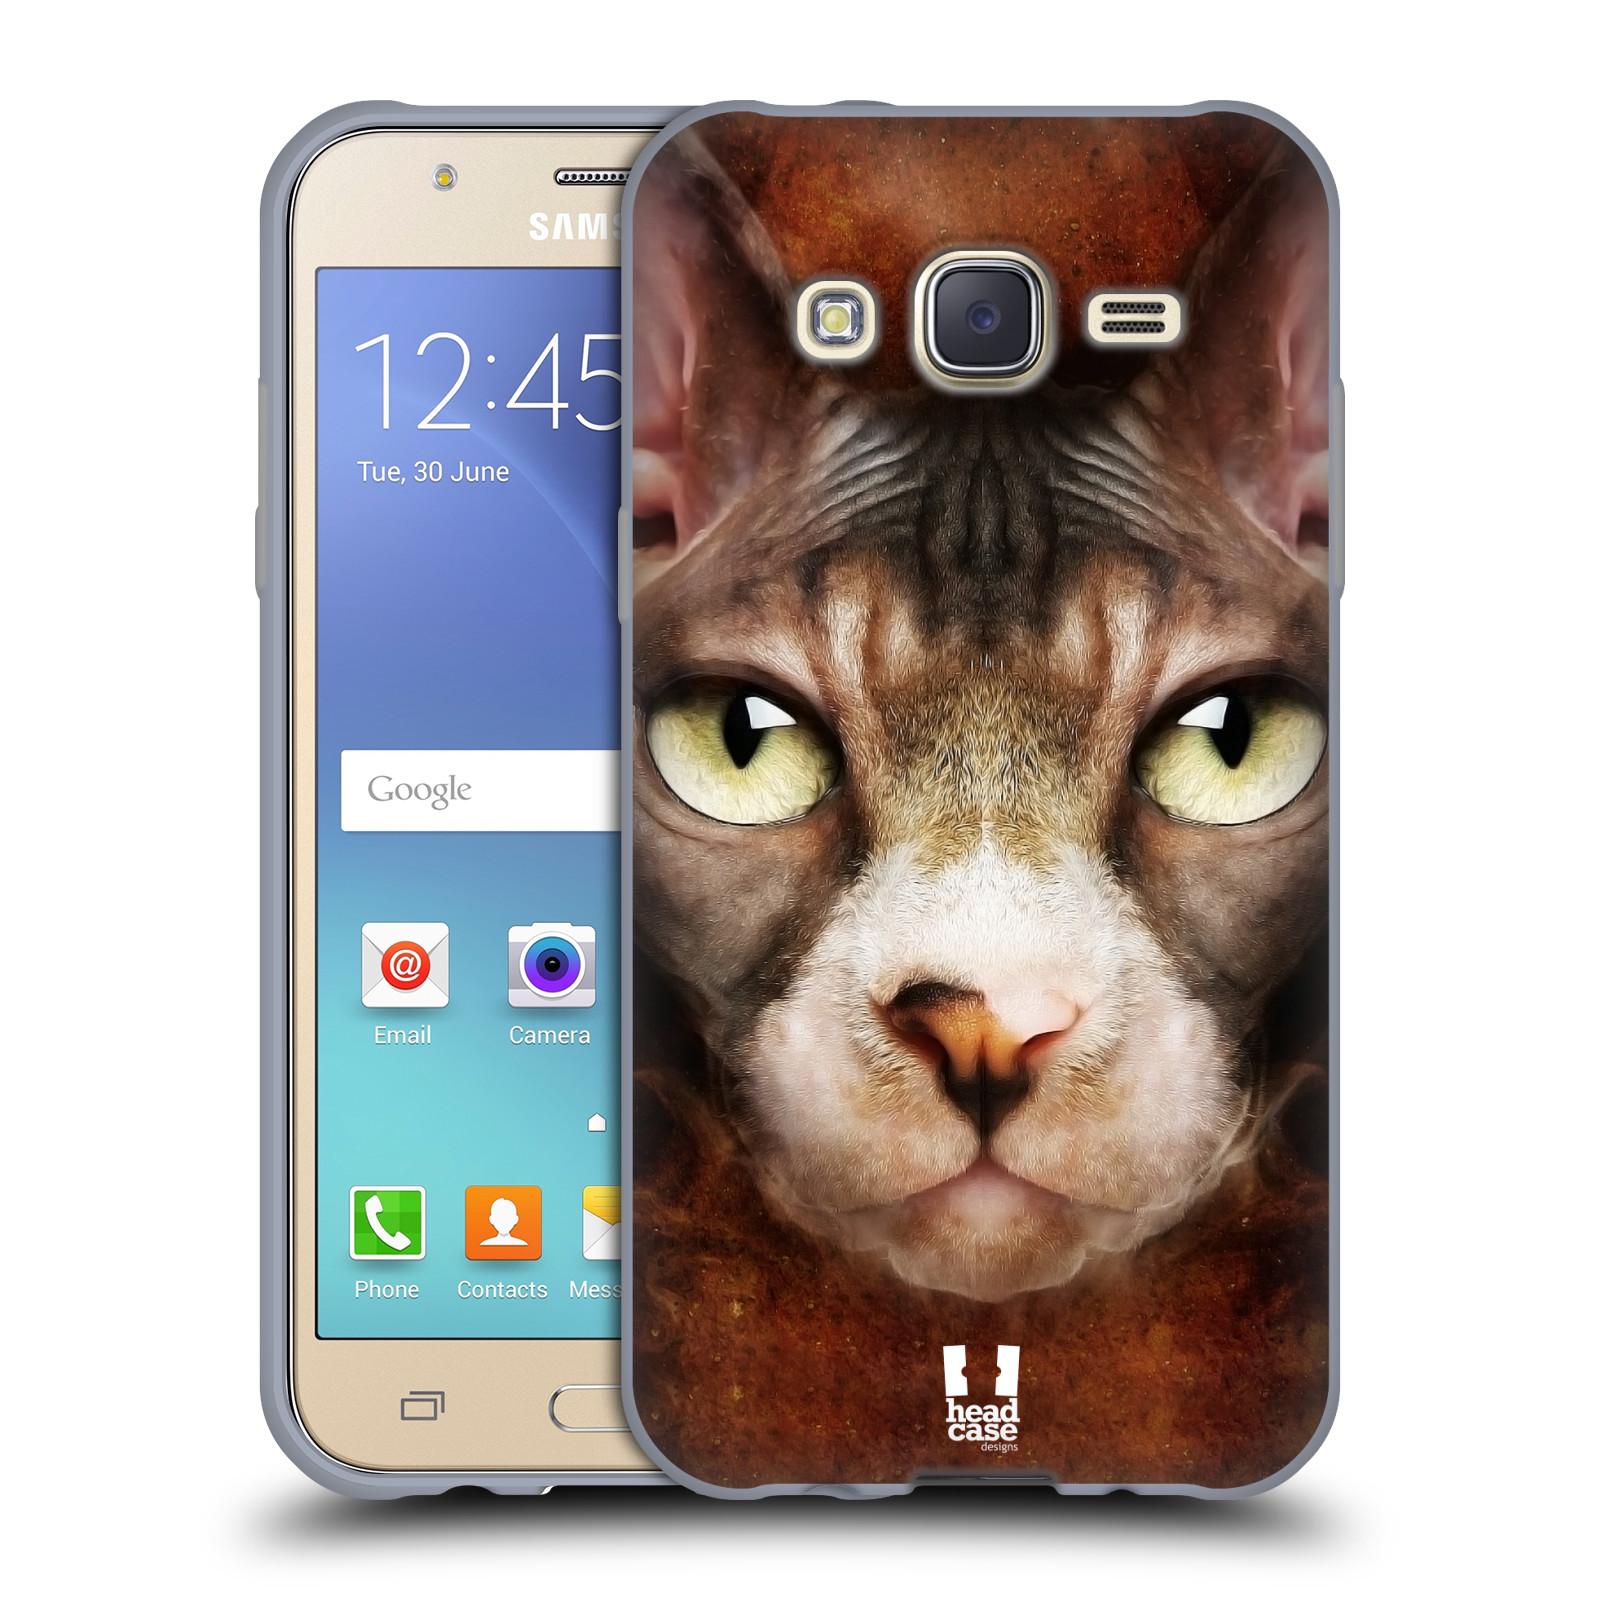 HEAD CASE silikonový obal na mobil Samsung Galaxy J5, J500, (J5 DUOS) vzor Zvířecí tváře kočka sphynx